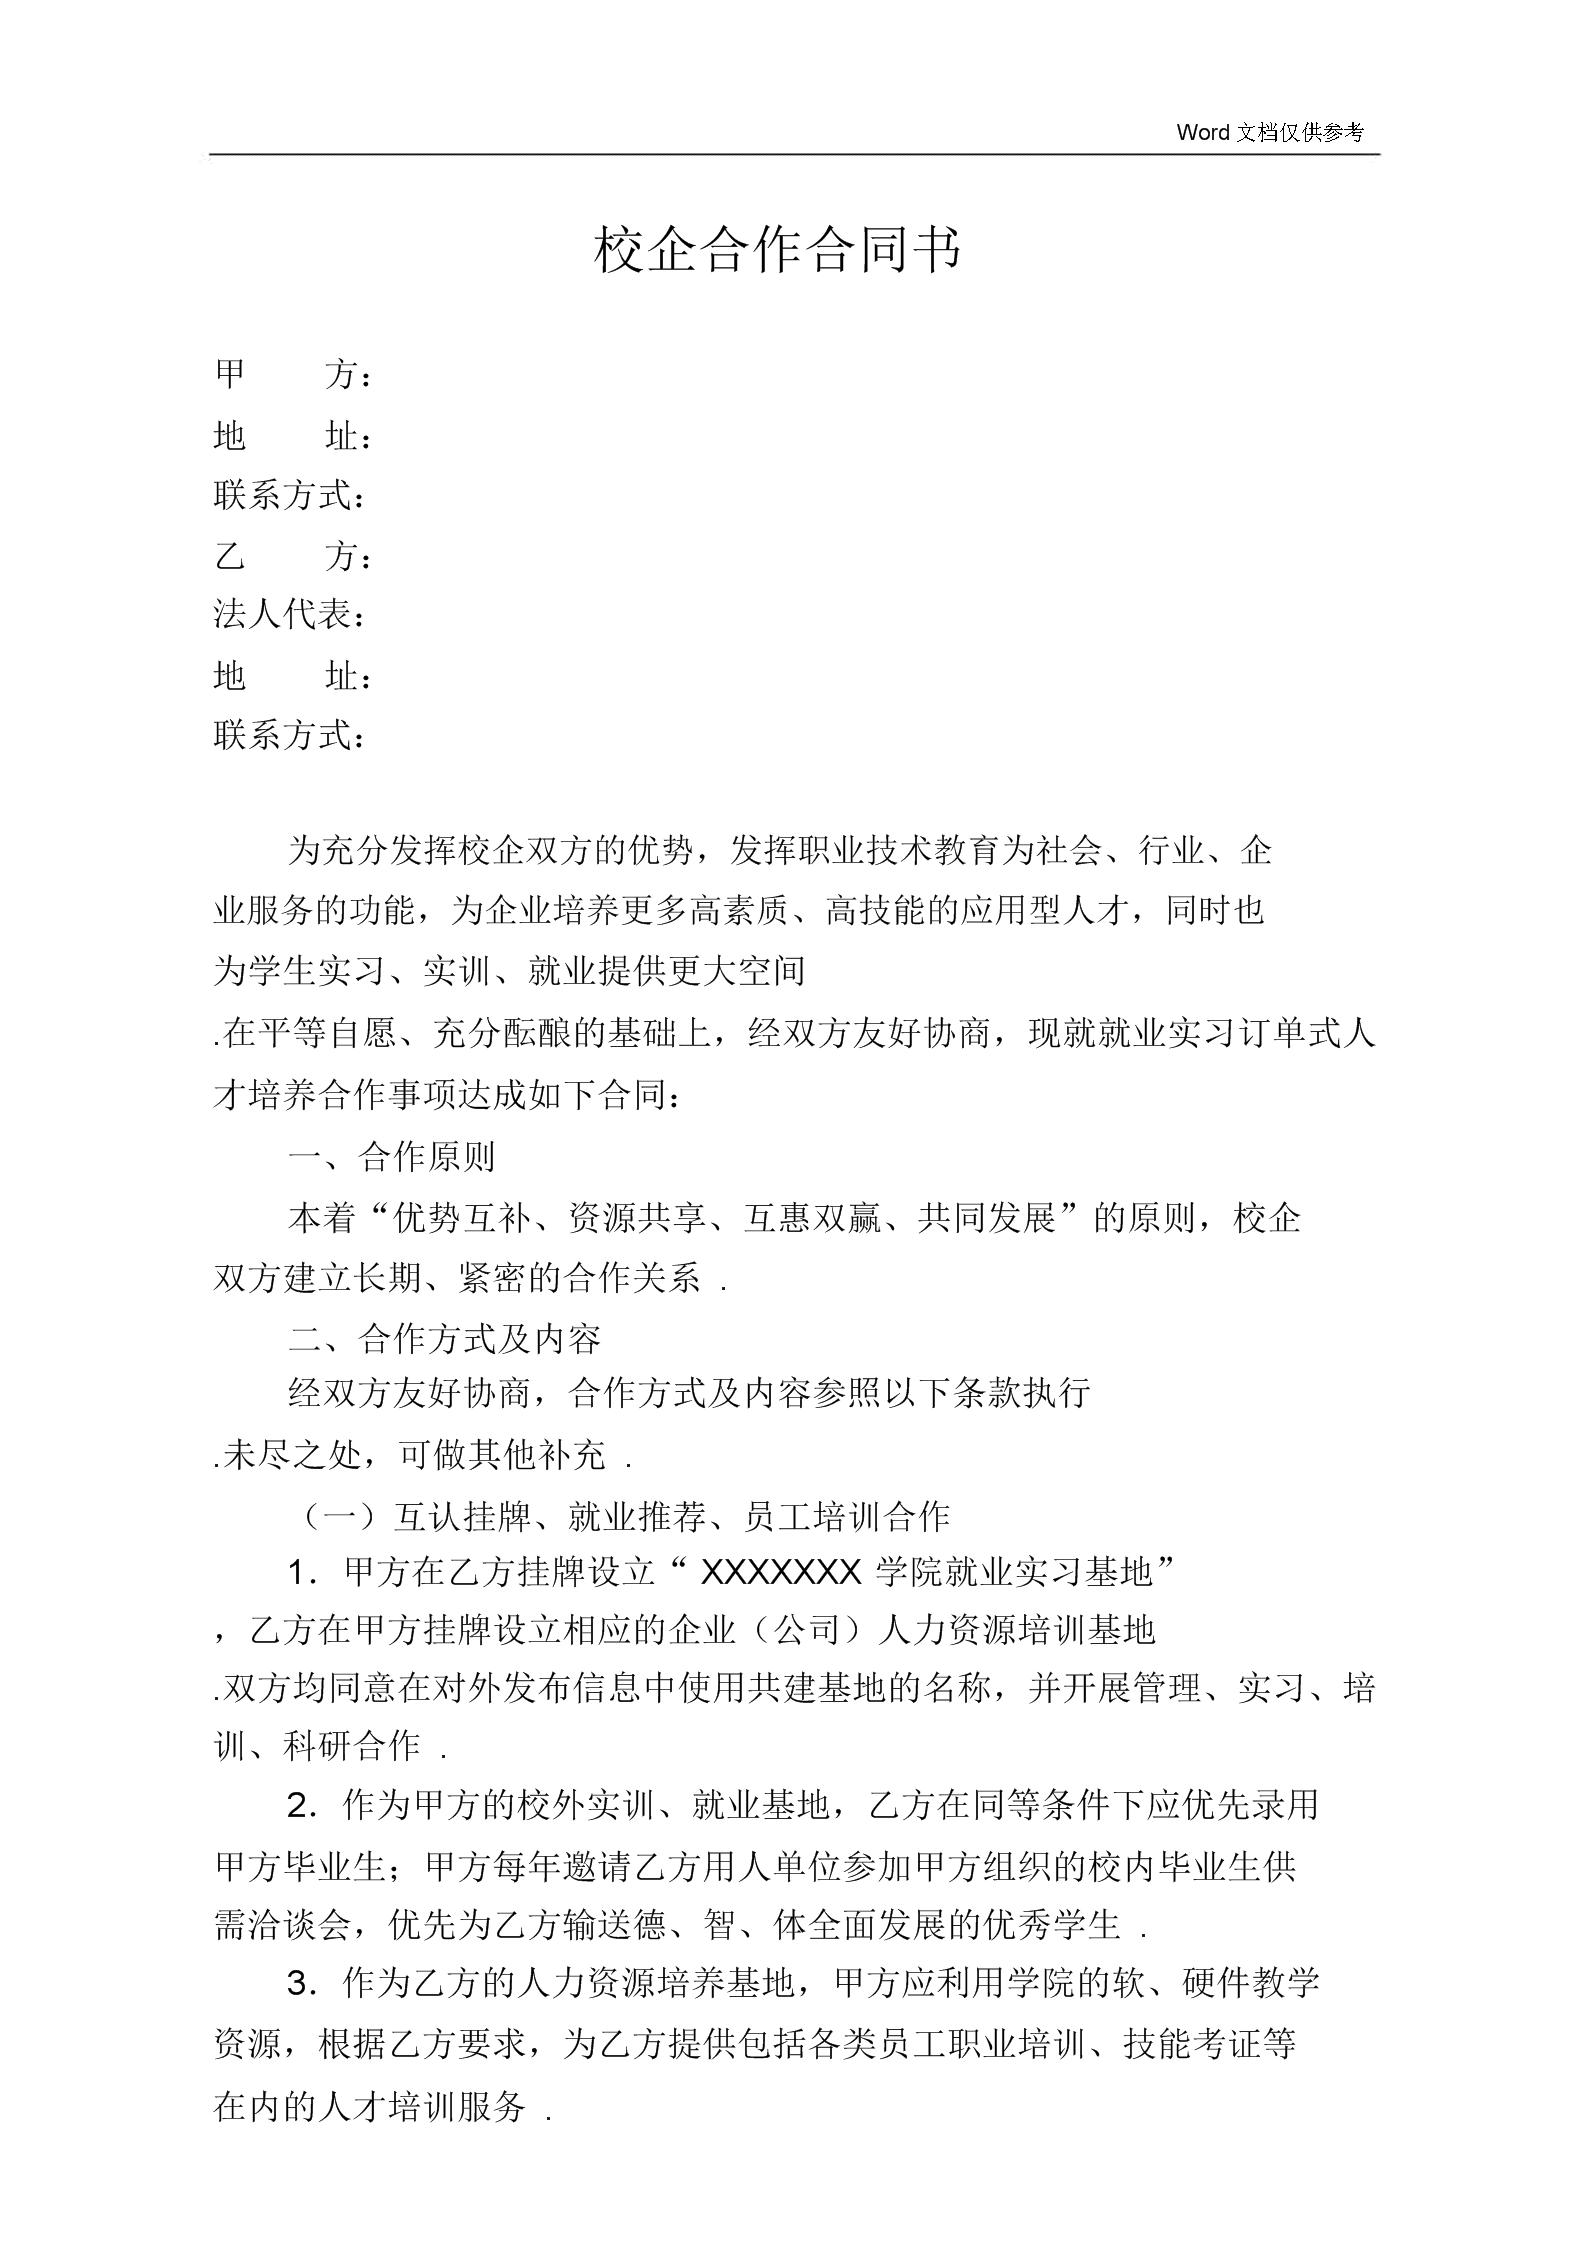 校企合作合同书通用版.模板.doc